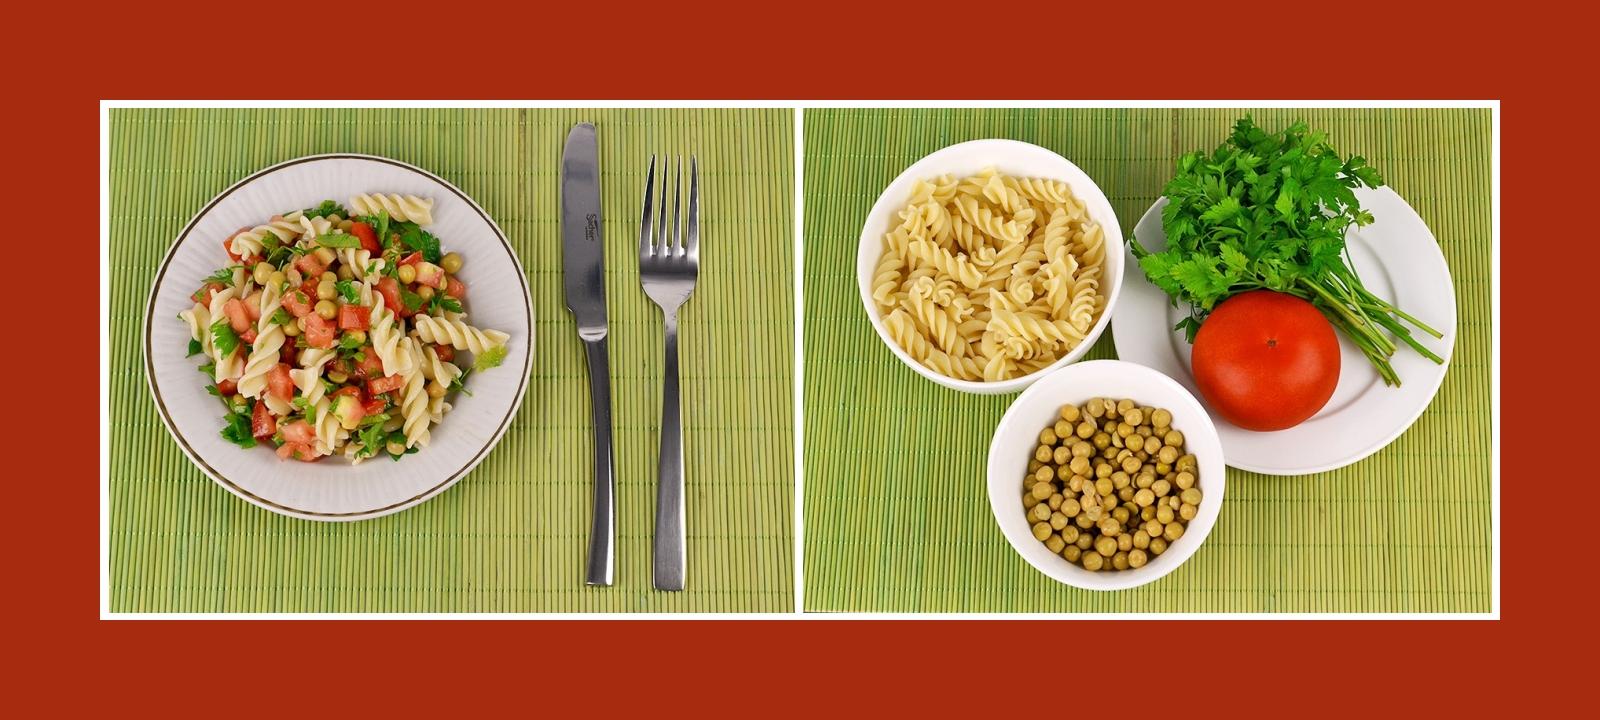 Leckerer Minuten-Salat mit Nudeln, Erbsen, Tomaten und pikanten Kräutern